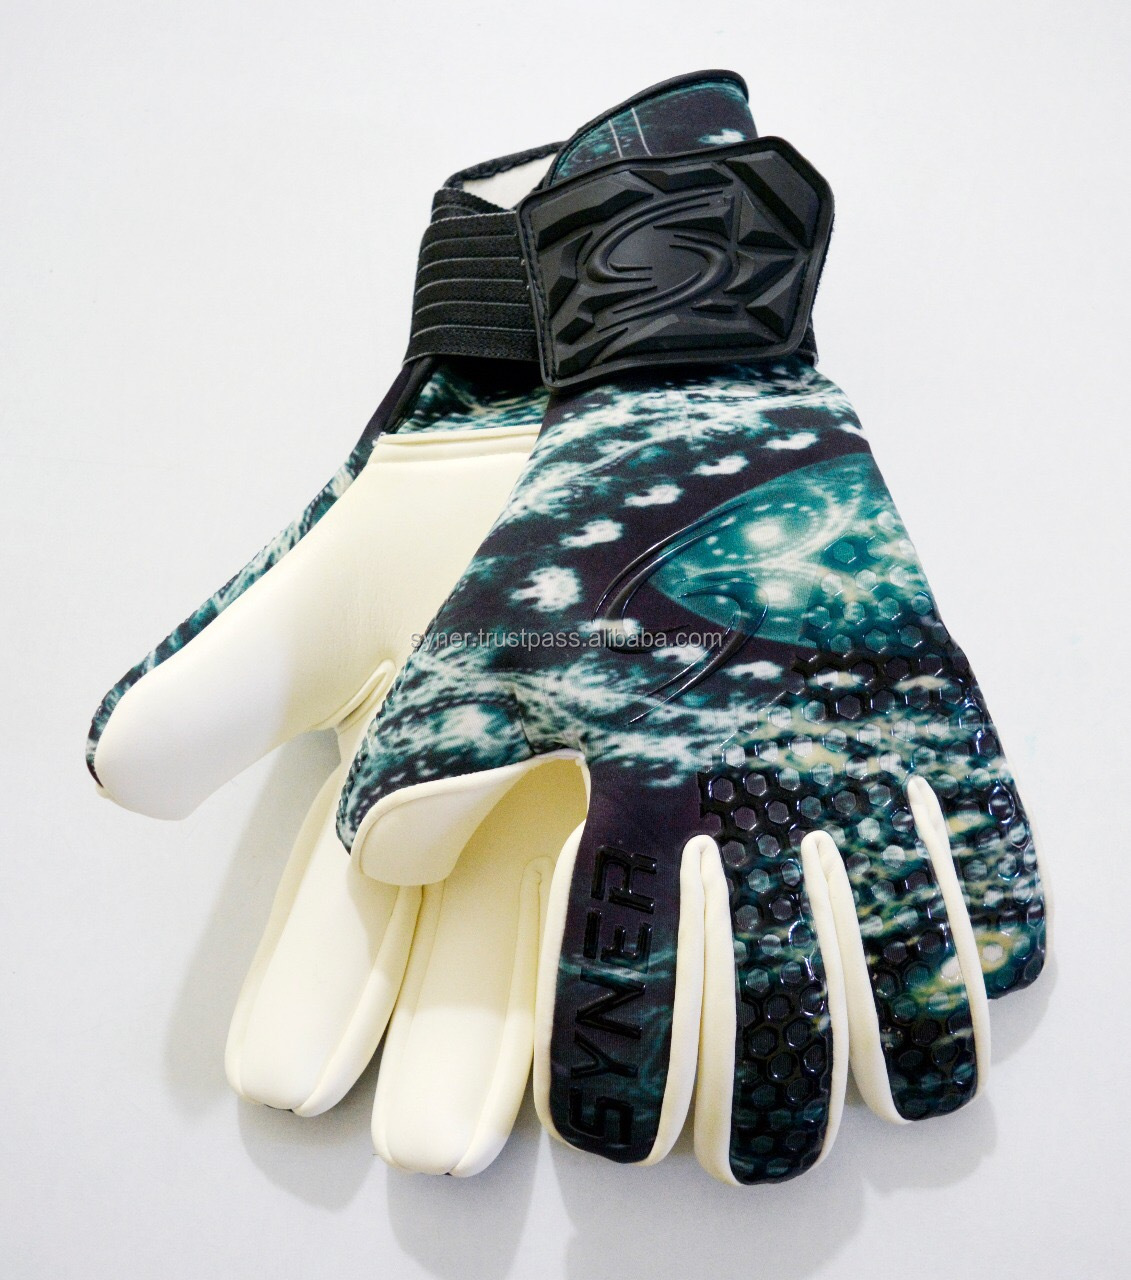 Mẫu miễn phí tùy chỉnh riêng của bạn chuyên nghiệp 4 mét đức latex bóng đá thủ môn bóng đá thủ môn găng tay nhân tạo/tự nhiên turf